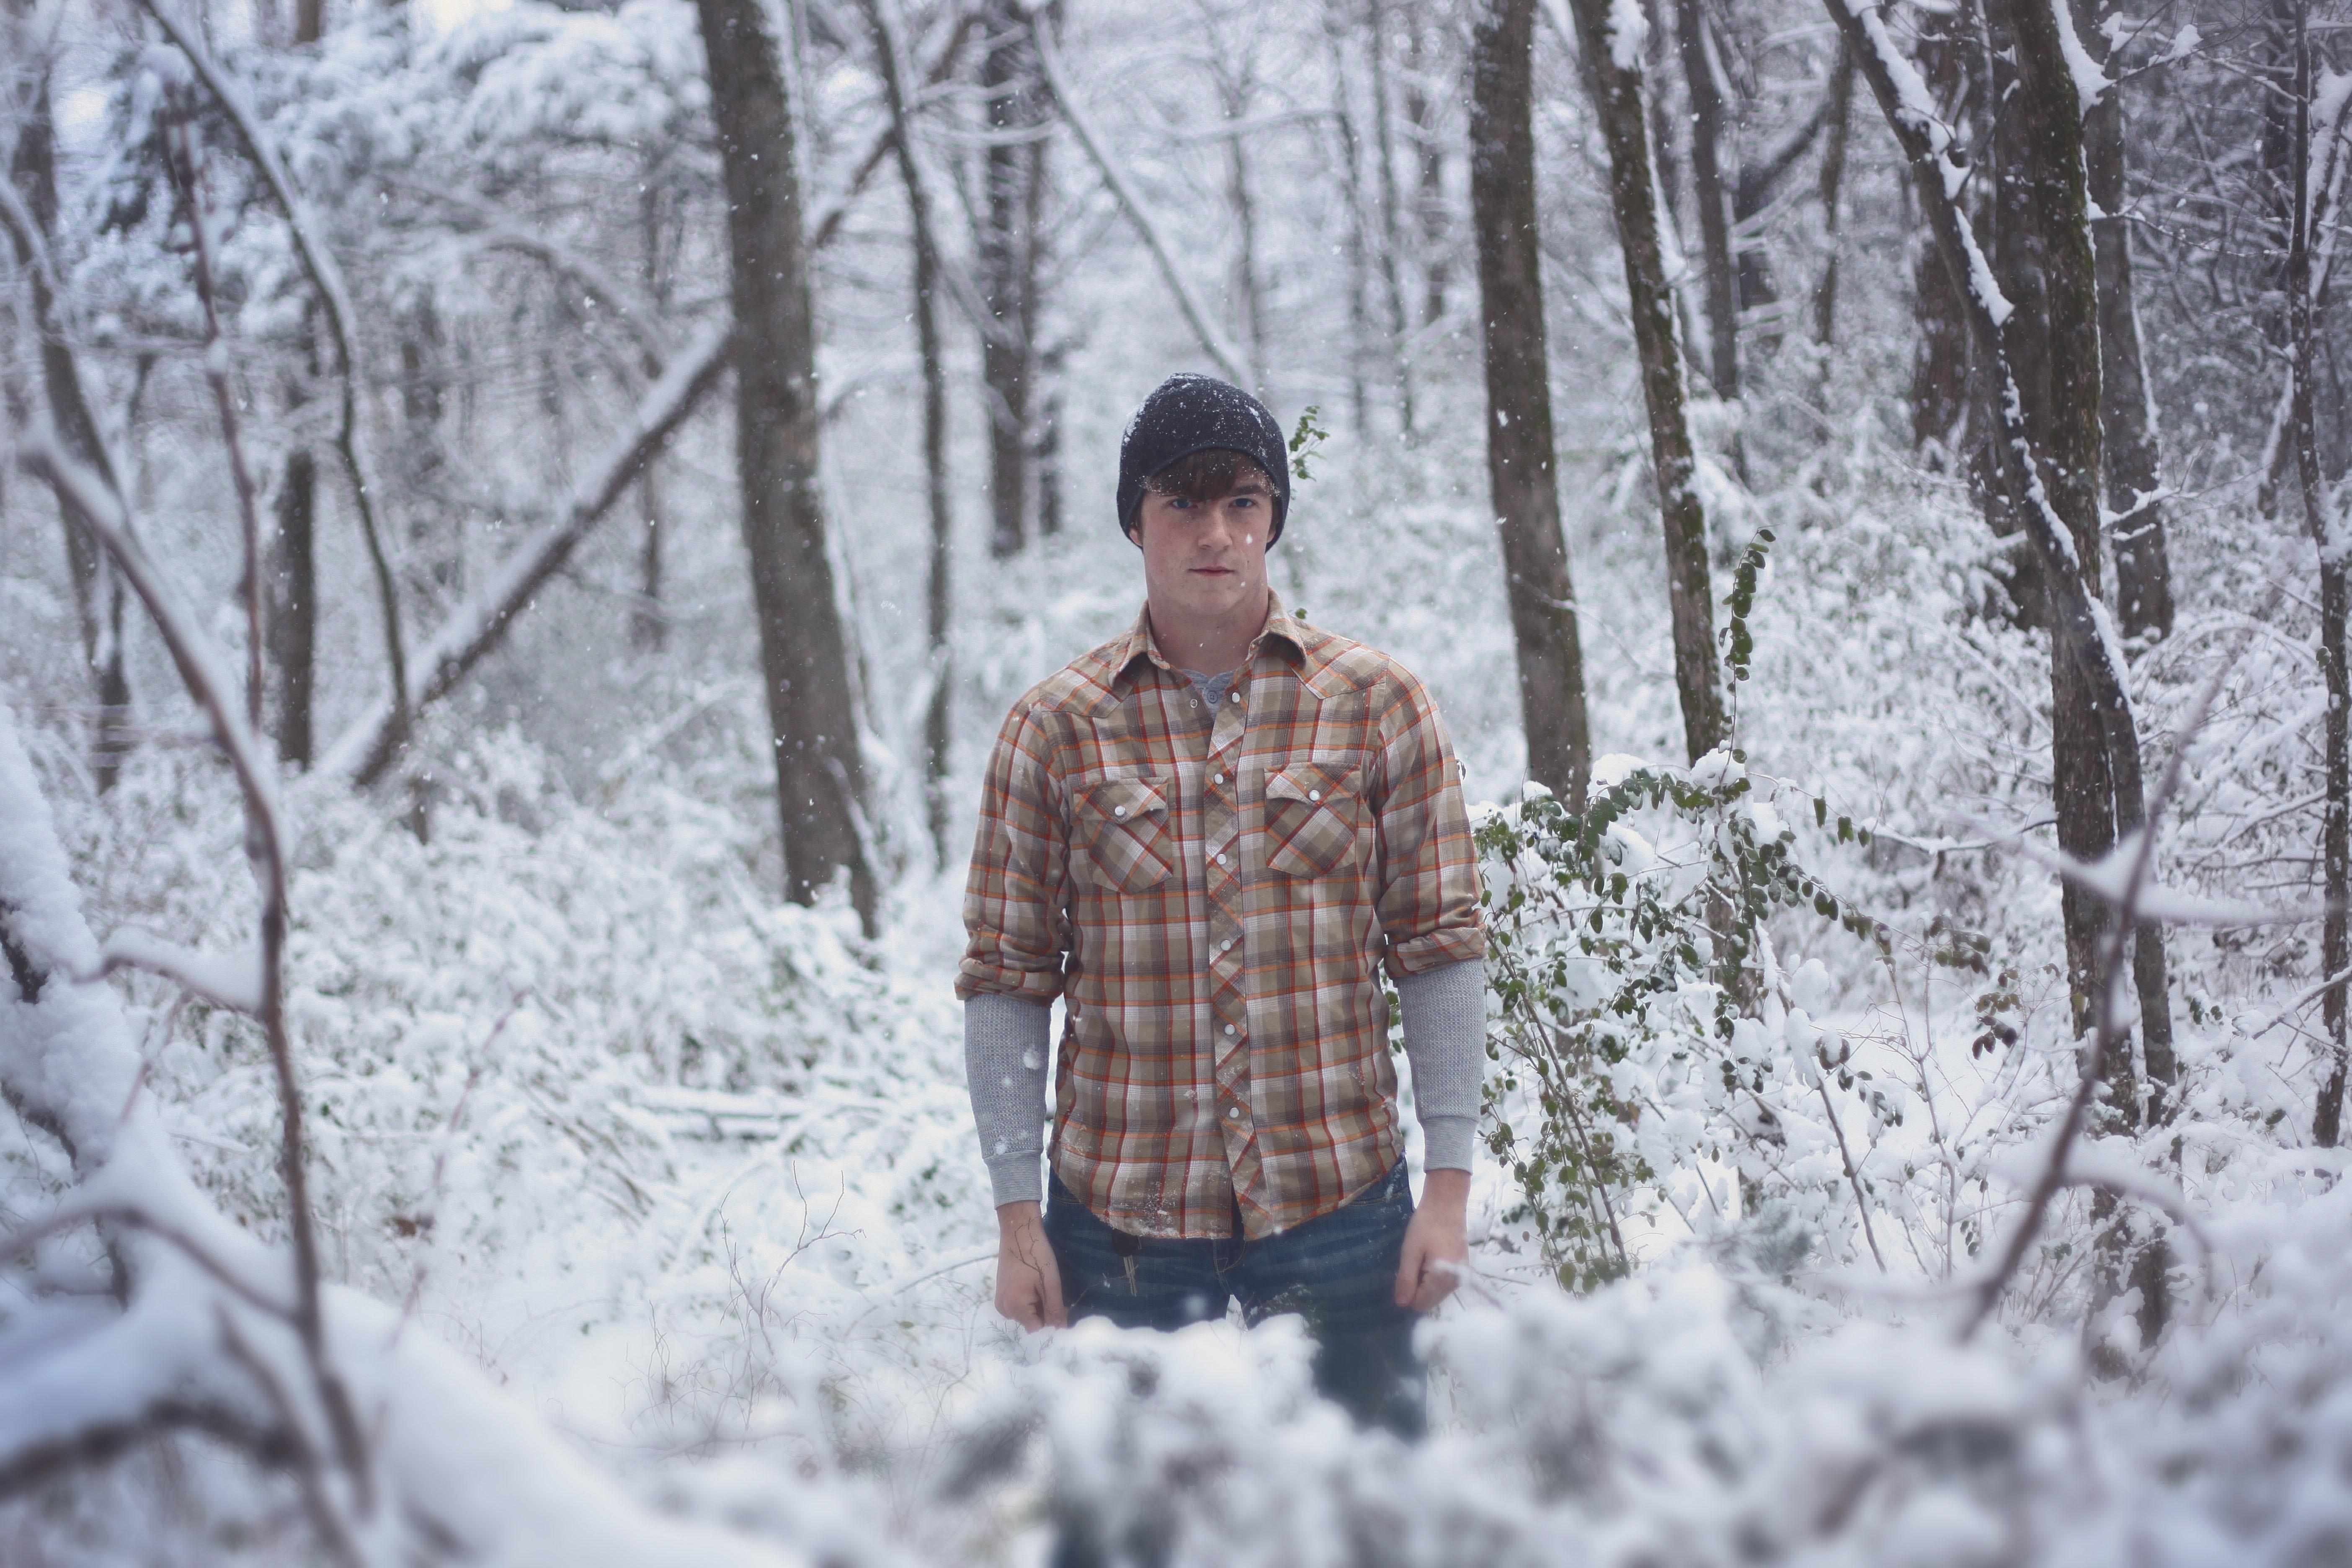 фото мужчина зимой в лесу дизайнерский инструмент